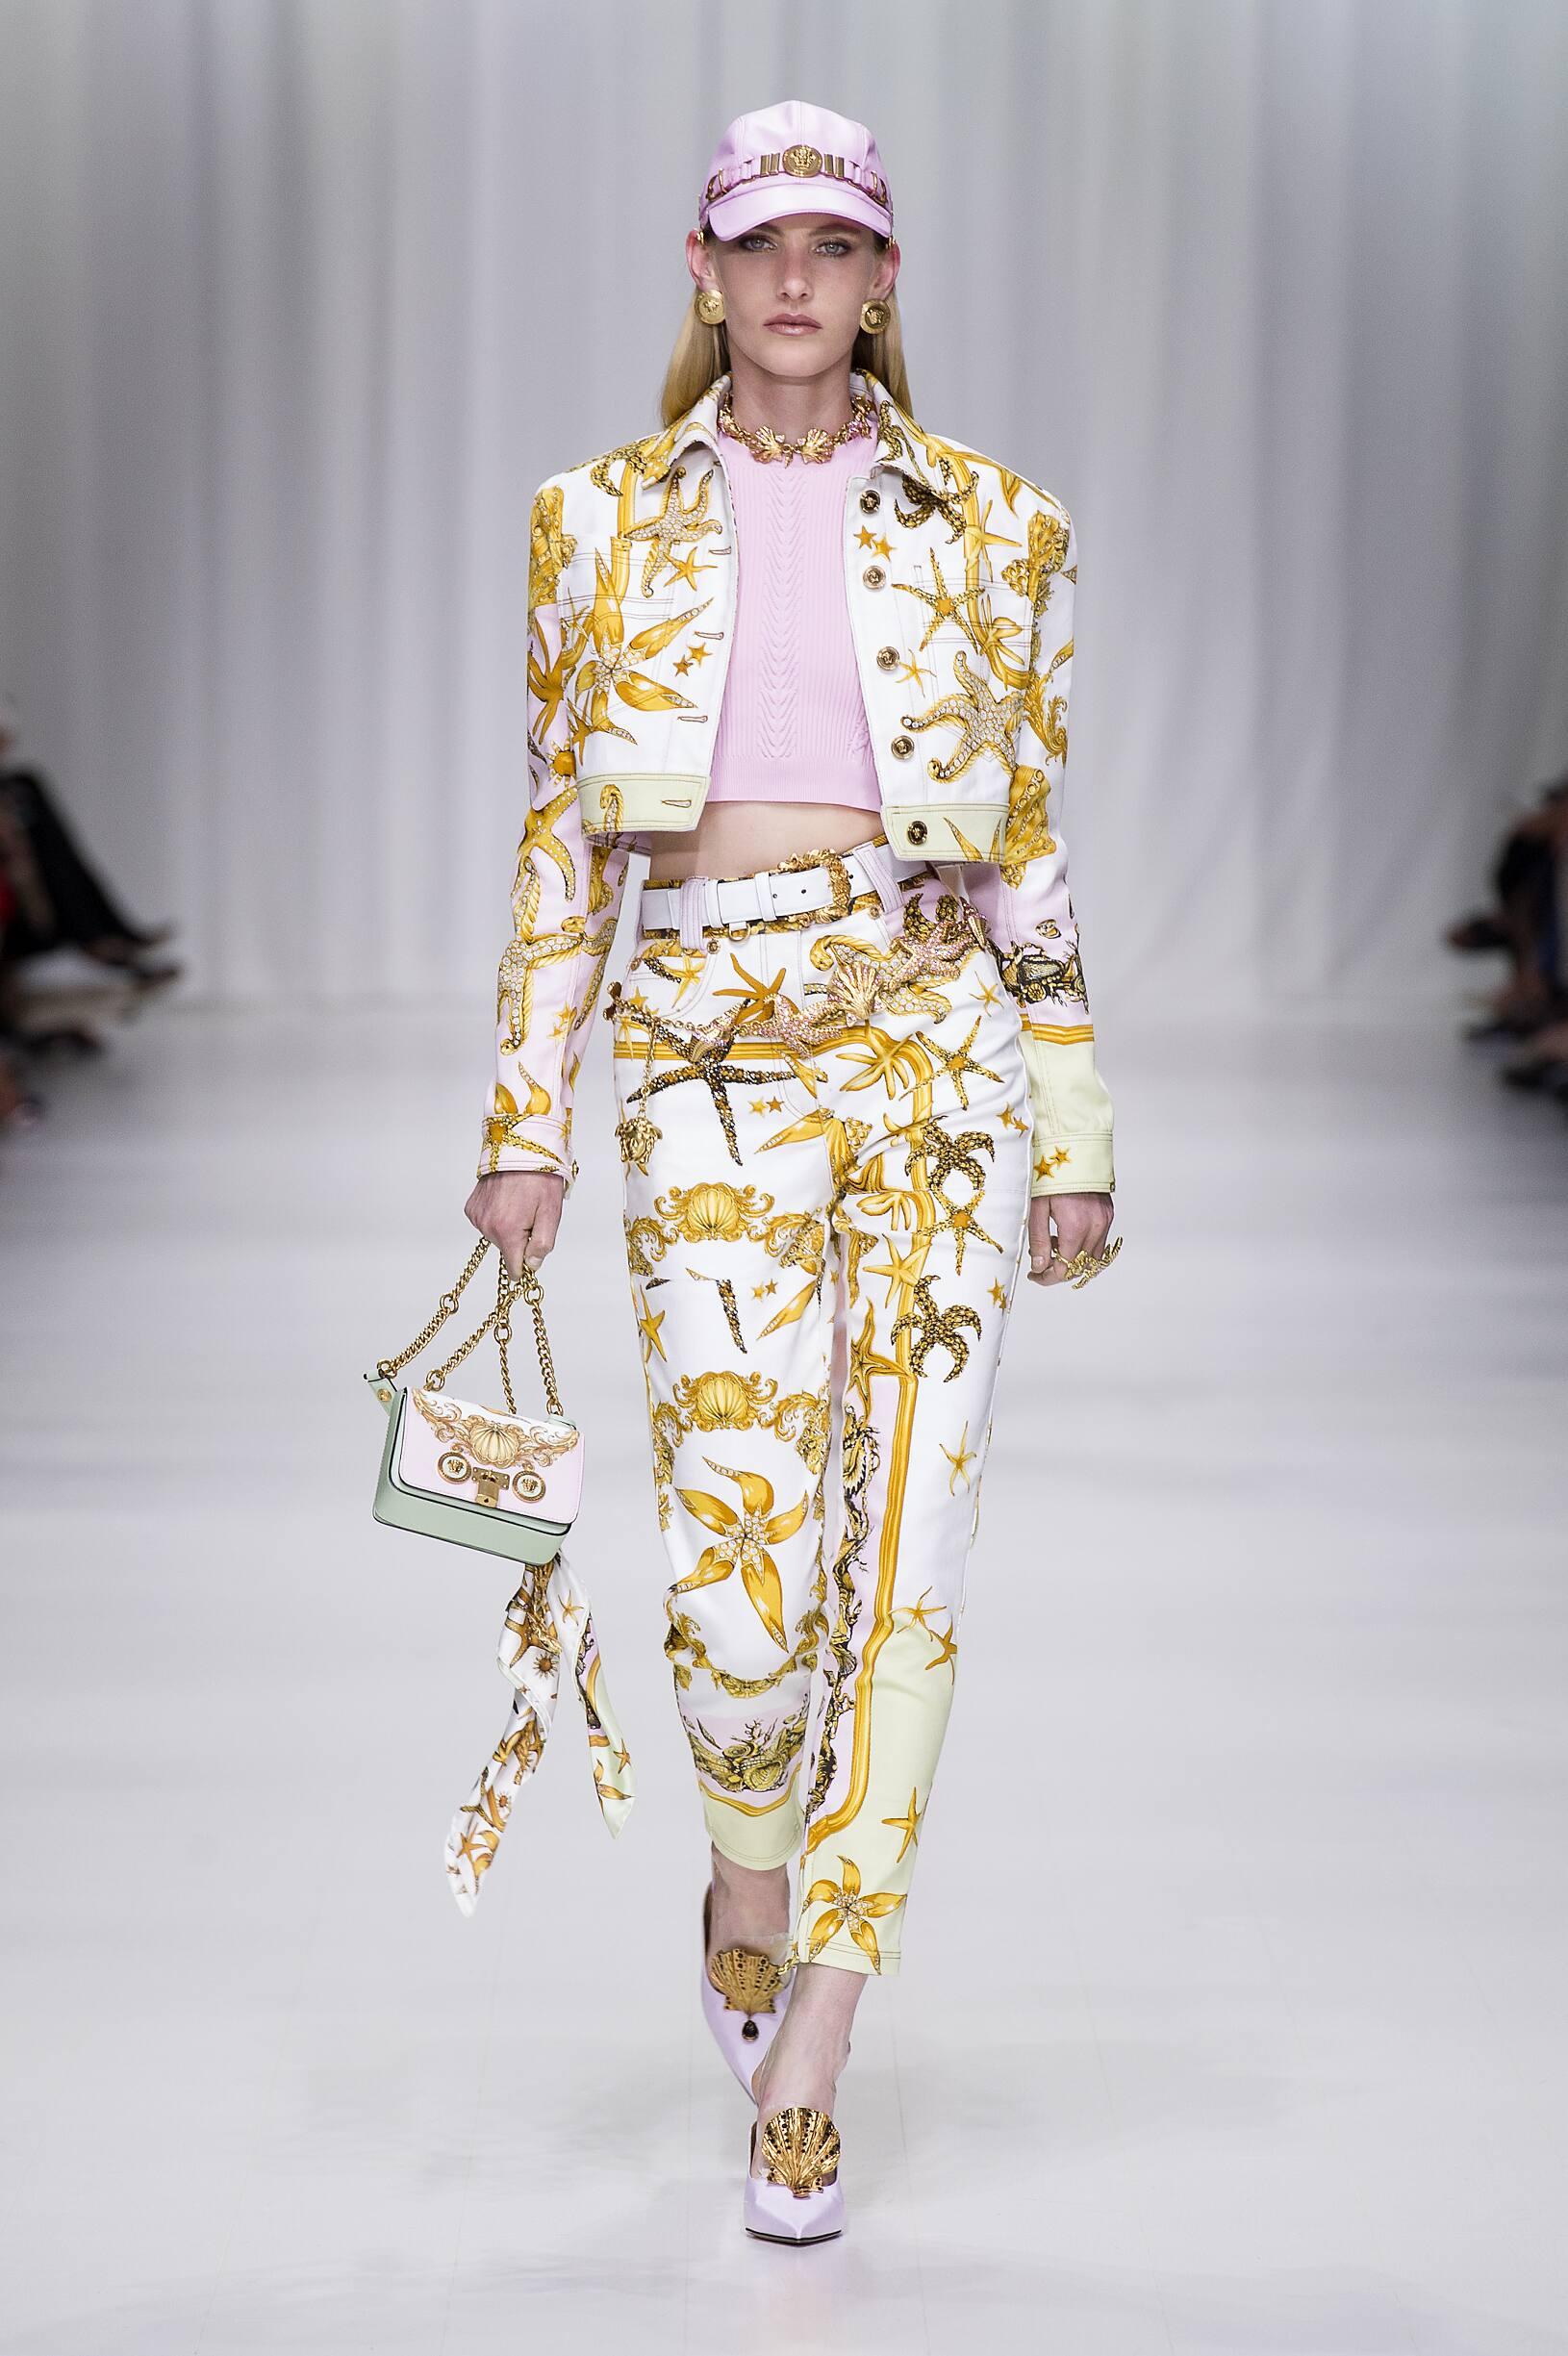 2018 Versace Summer Catwalk